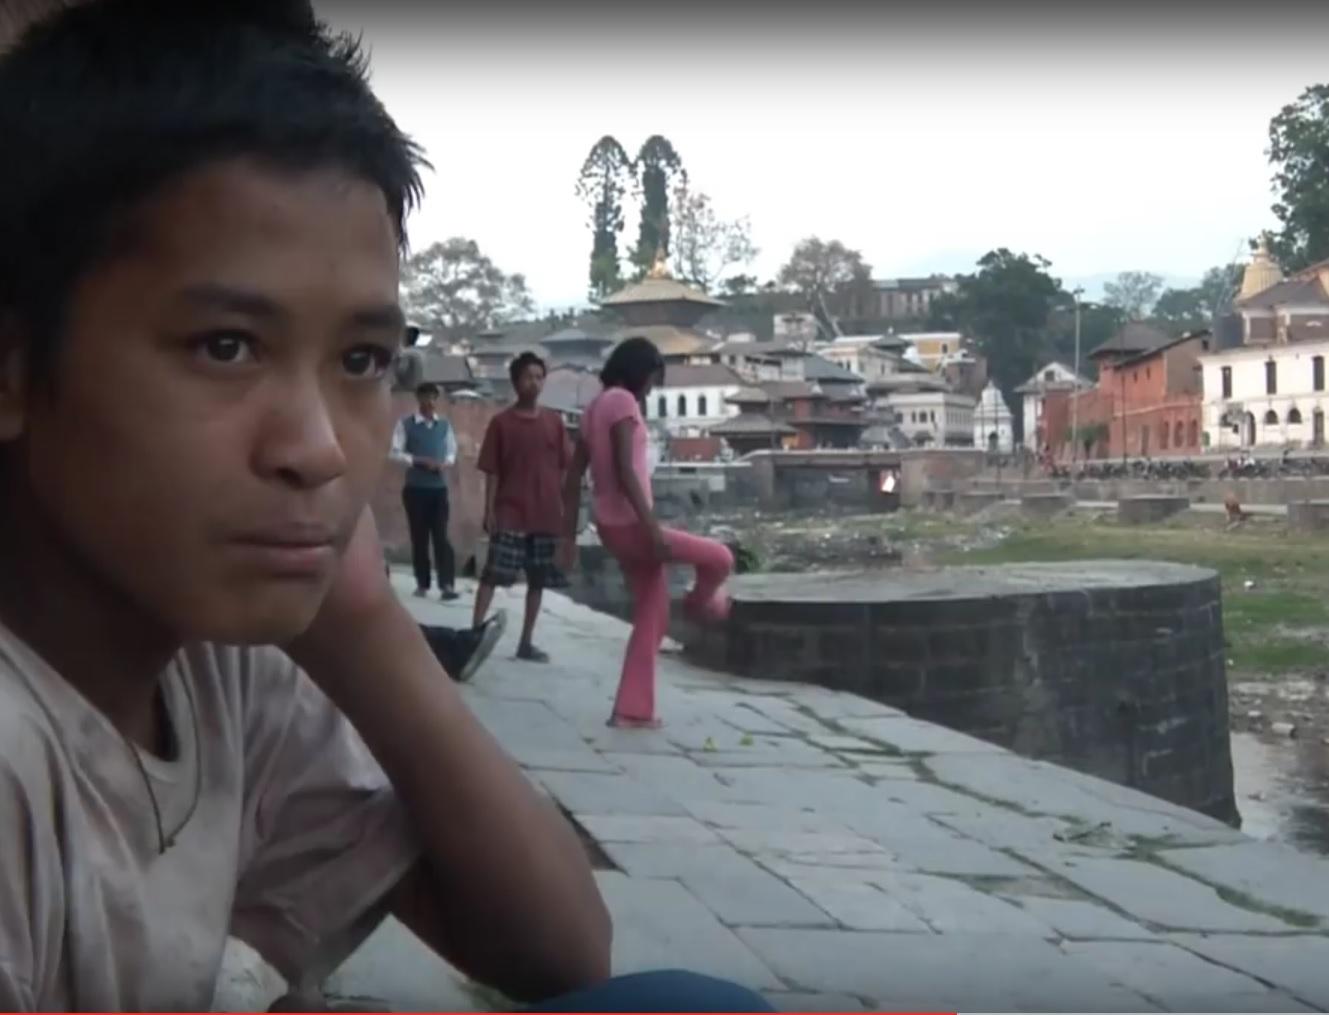 TRGOVINA DJECOM: Siročad bez krova nad glavom iz Nepala završava kao roblje u Britaniji 1